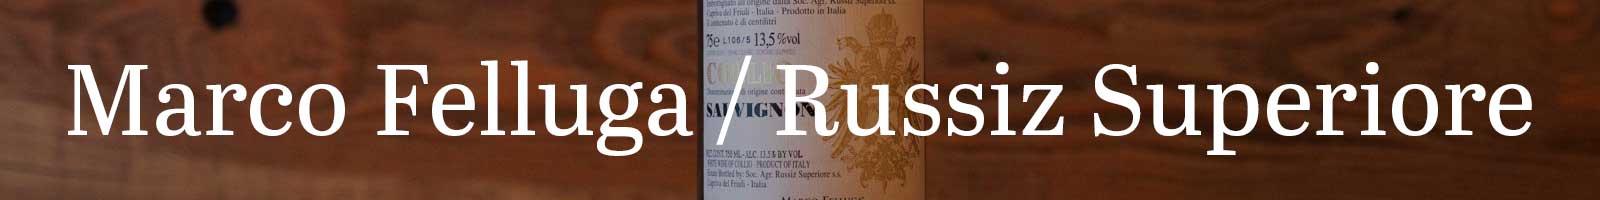 Essential Winemakers of Italy: Marco Felluga / Russiz Superiore